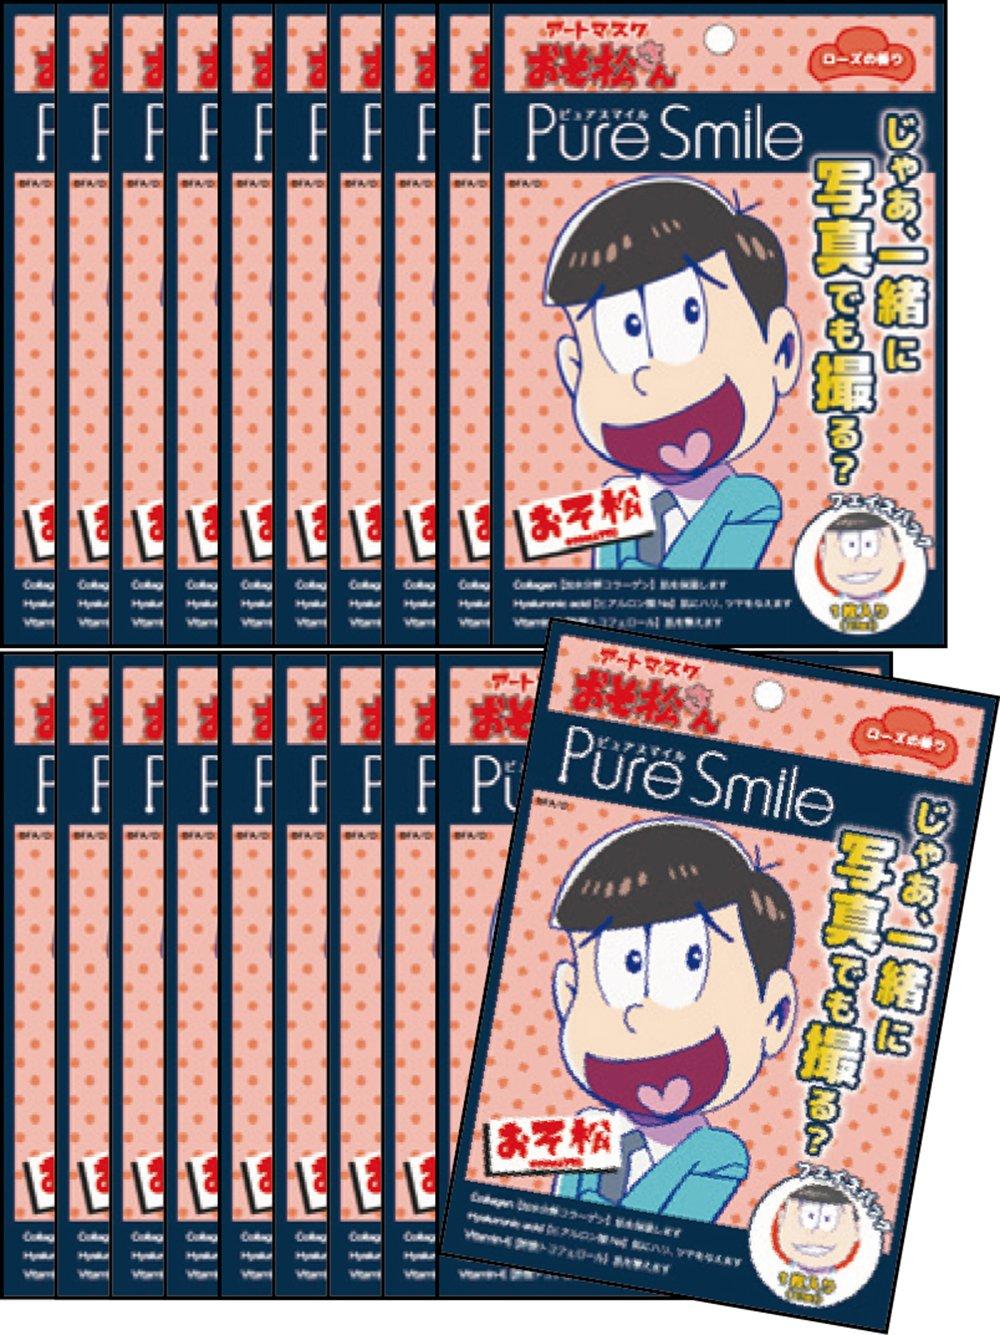 ピュアスマイル 『おそ松さんアートマスク』(おそ松柄/ローズの香り)20枚セット B01F39VNU8